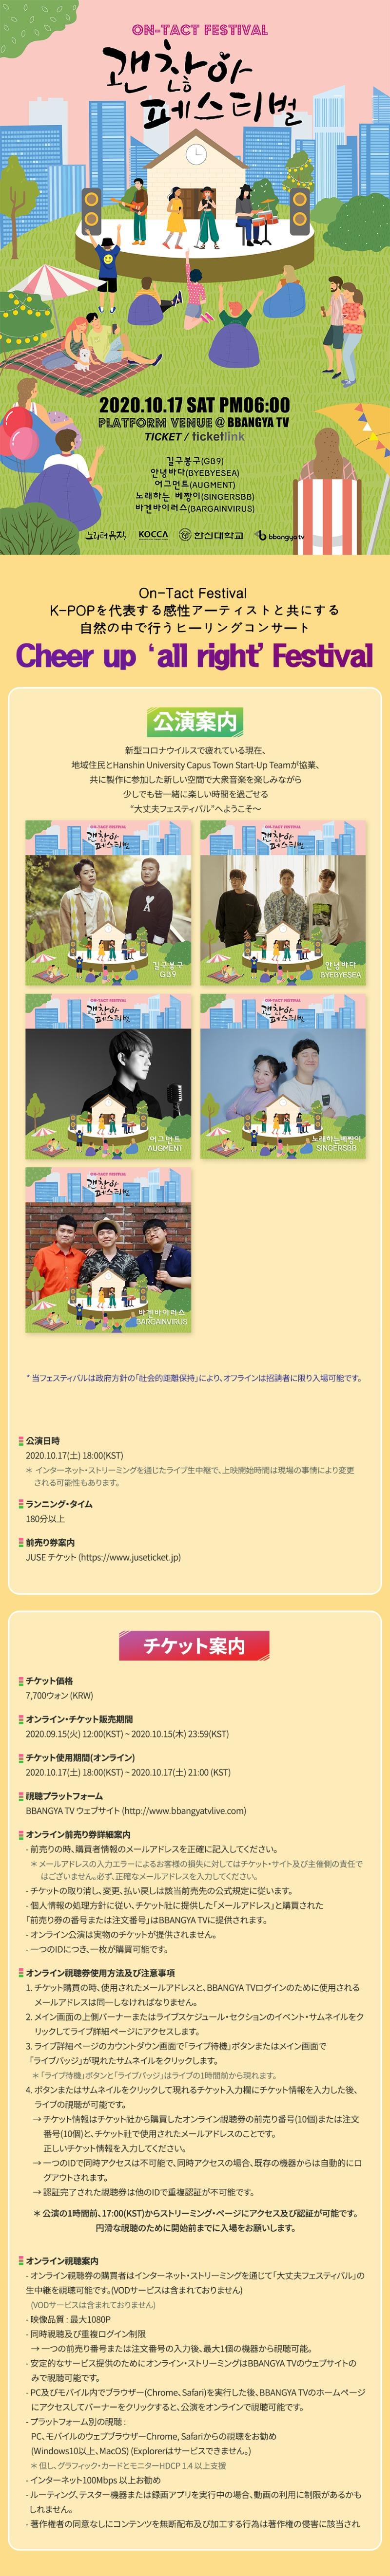 LiveInfo_(Cheer-Up)_jp.jpg